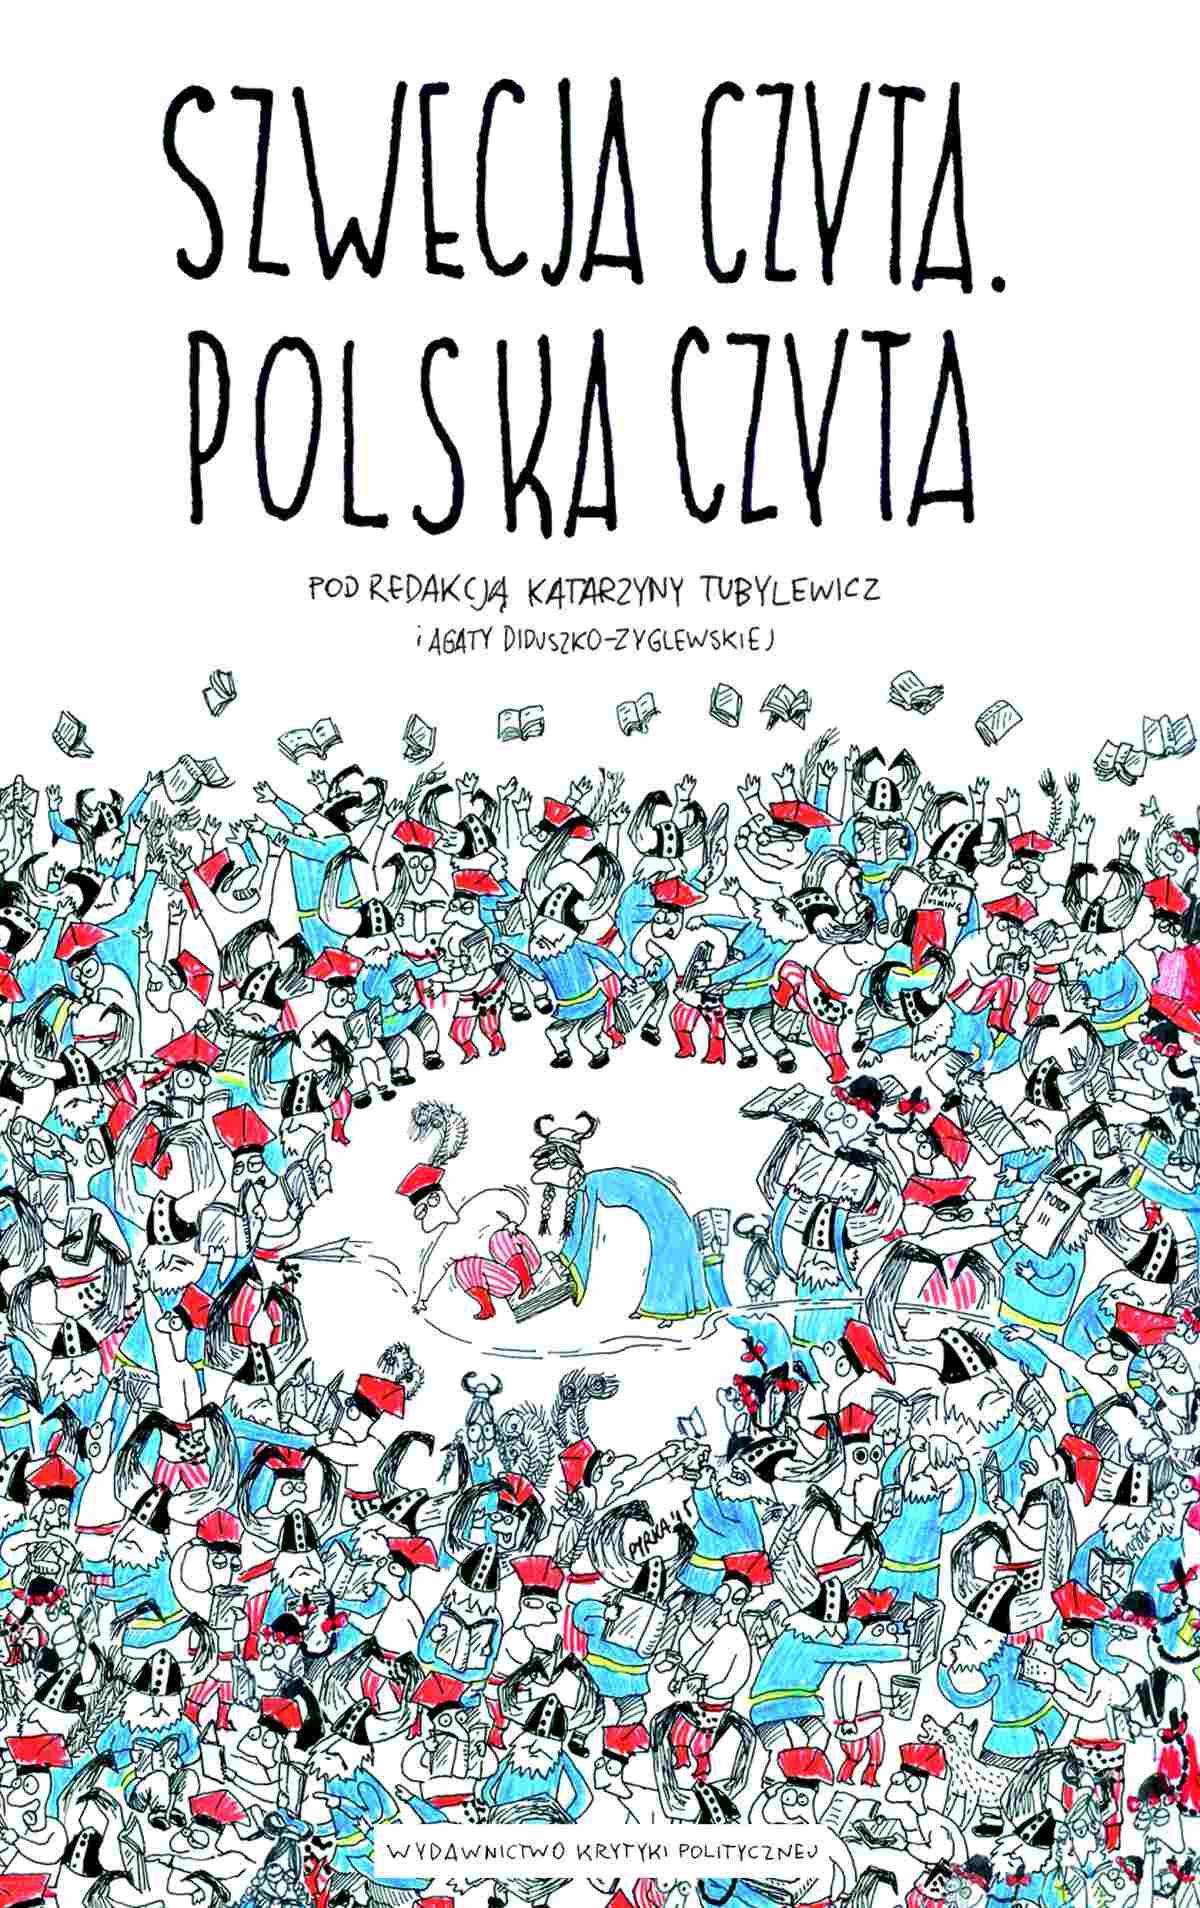 Szwecja czyta. Polska czyta - Ebook (Książka na Kindle) do pobrania w formacie MOBI